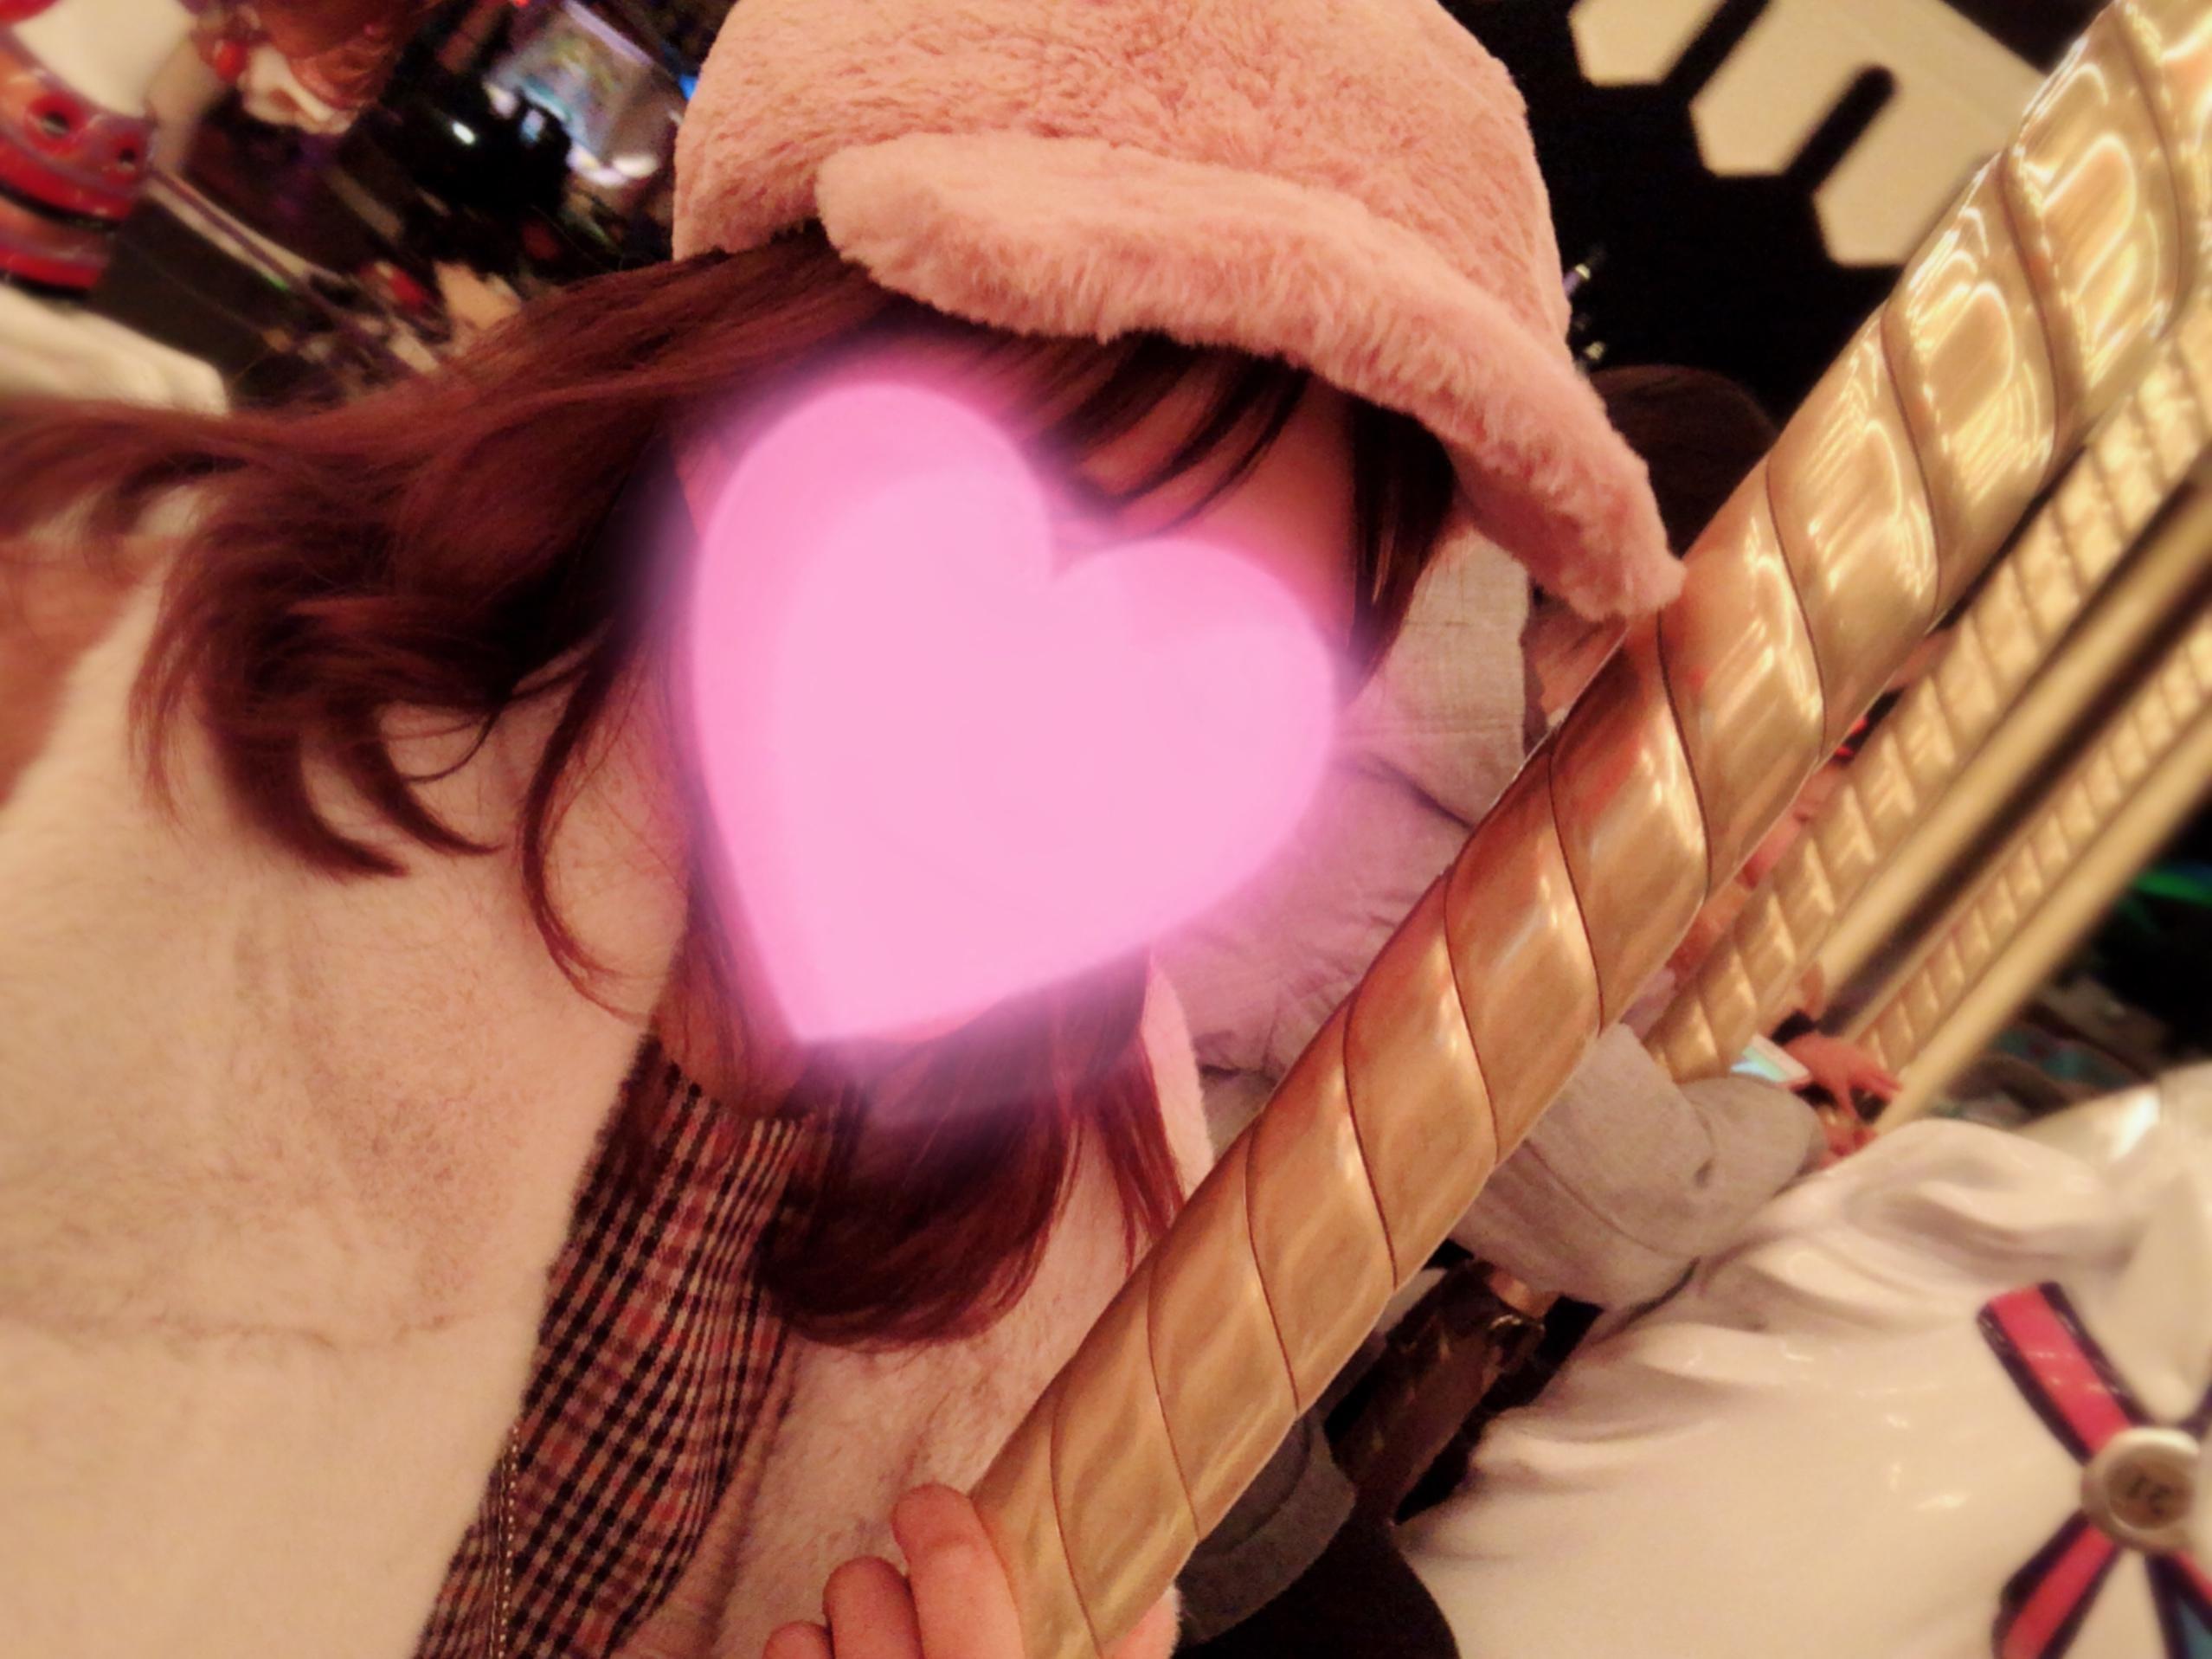 「はなです」11/30(11/30) 01:58 | はなちゃんの写メ・風俗動画